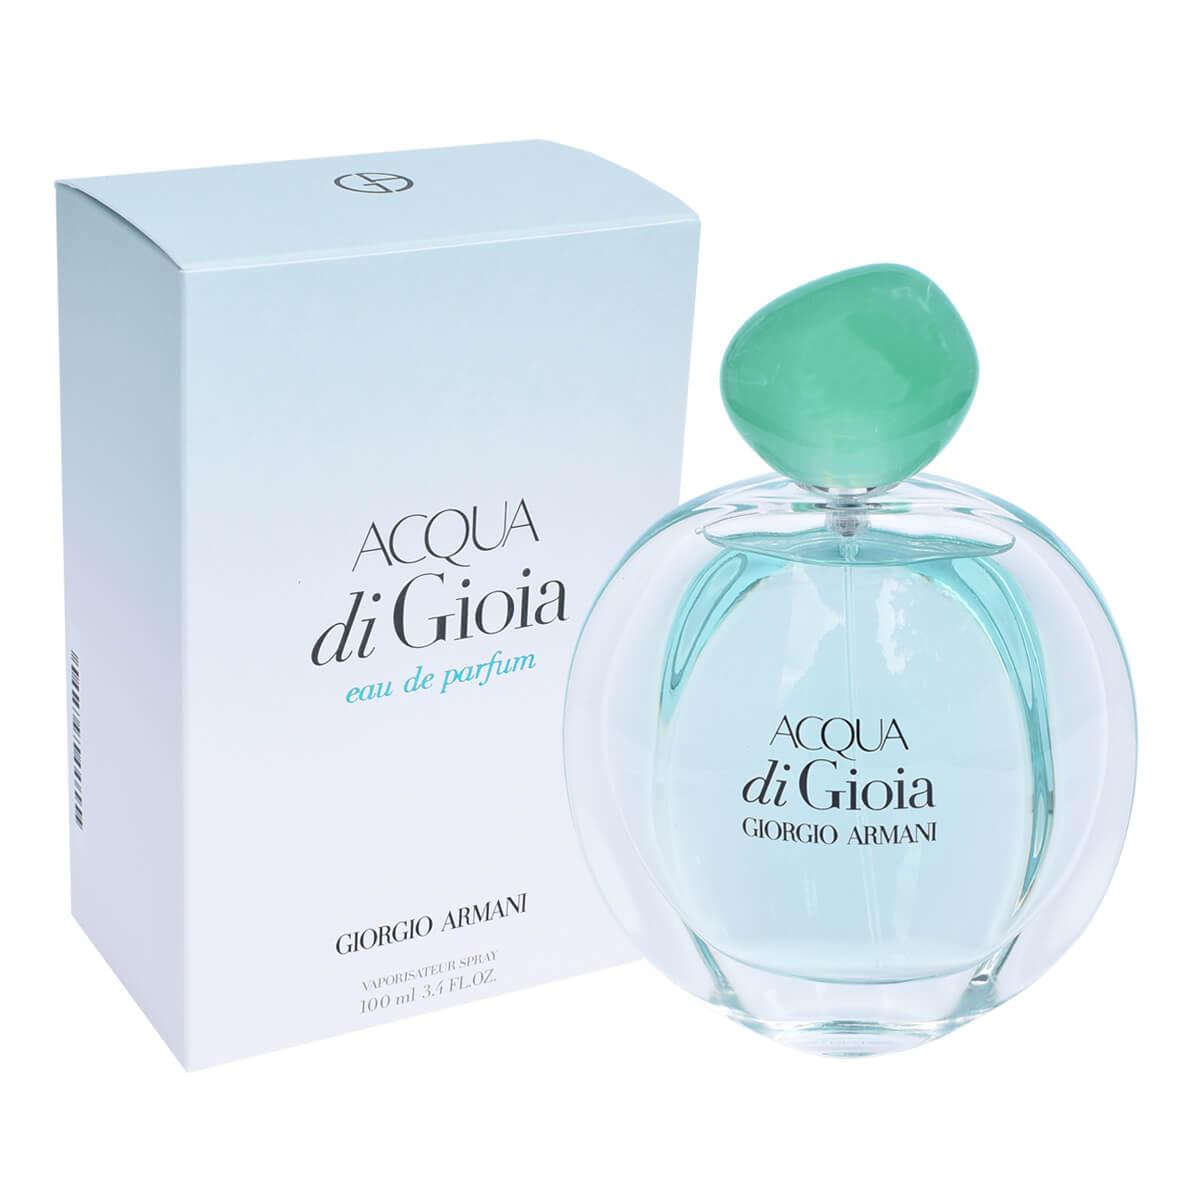 Giorgio Armani Acqua Di Gioia Eau De Parfum 100 Ml Damen Duft Spray